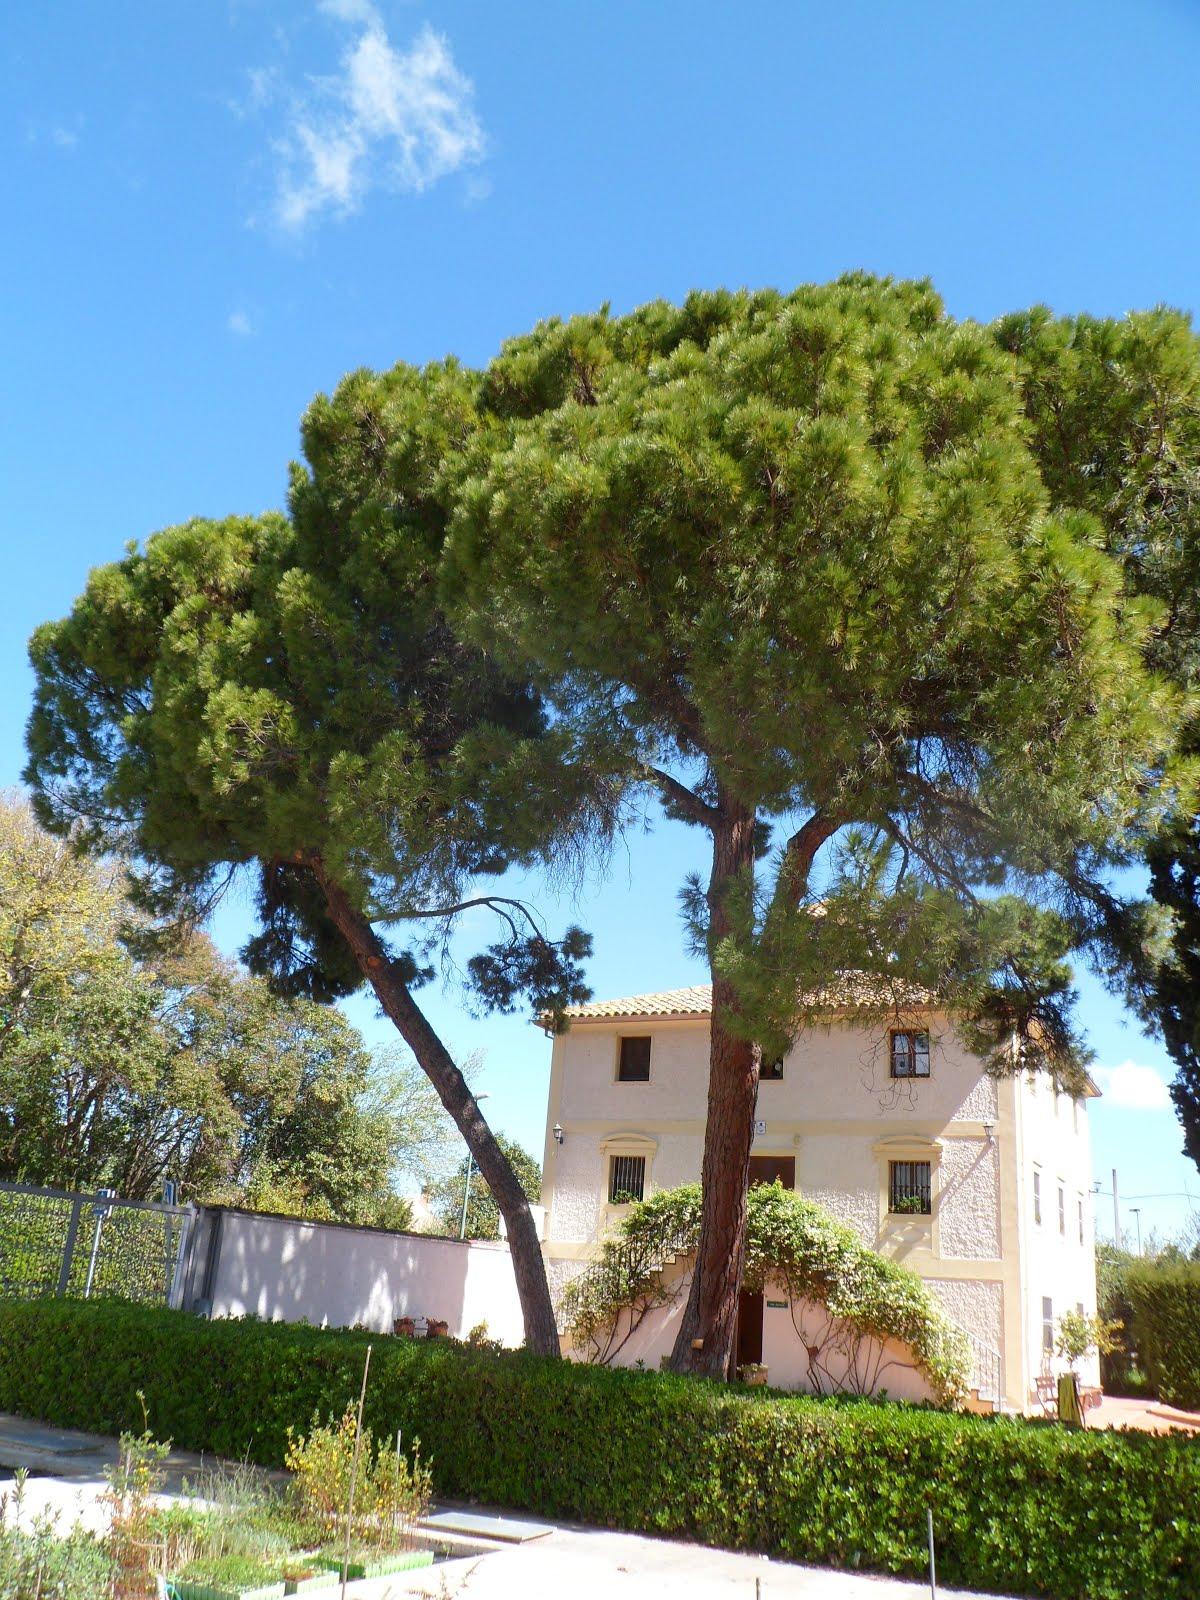 Escuela municipal de jardiner a el pinar nuevo curso for Escuela de jardineria